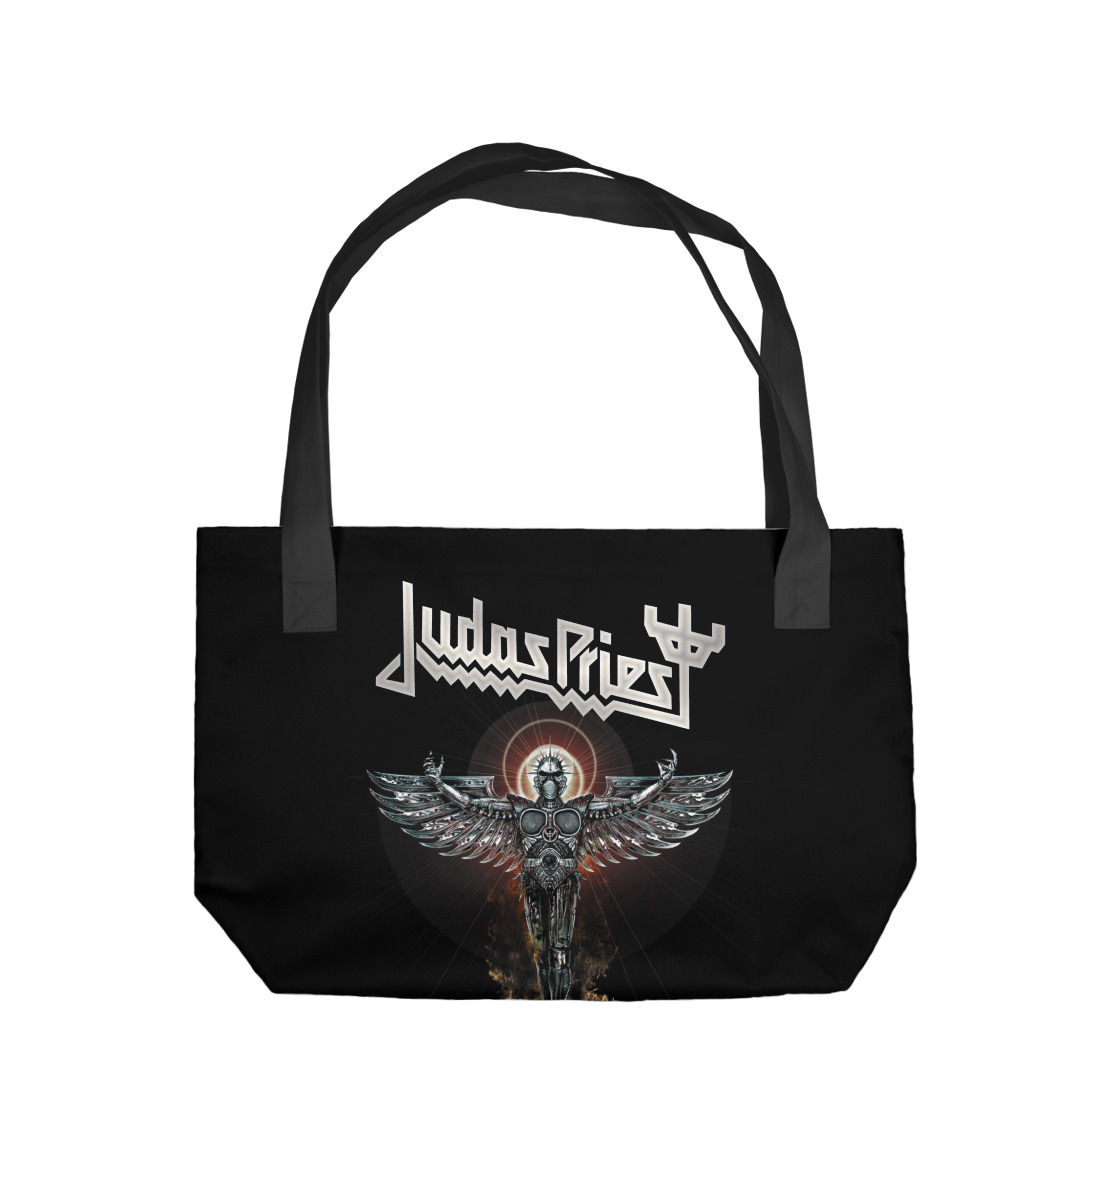 Фото - Judas Priest виниловая пластинка judas priest battle cry